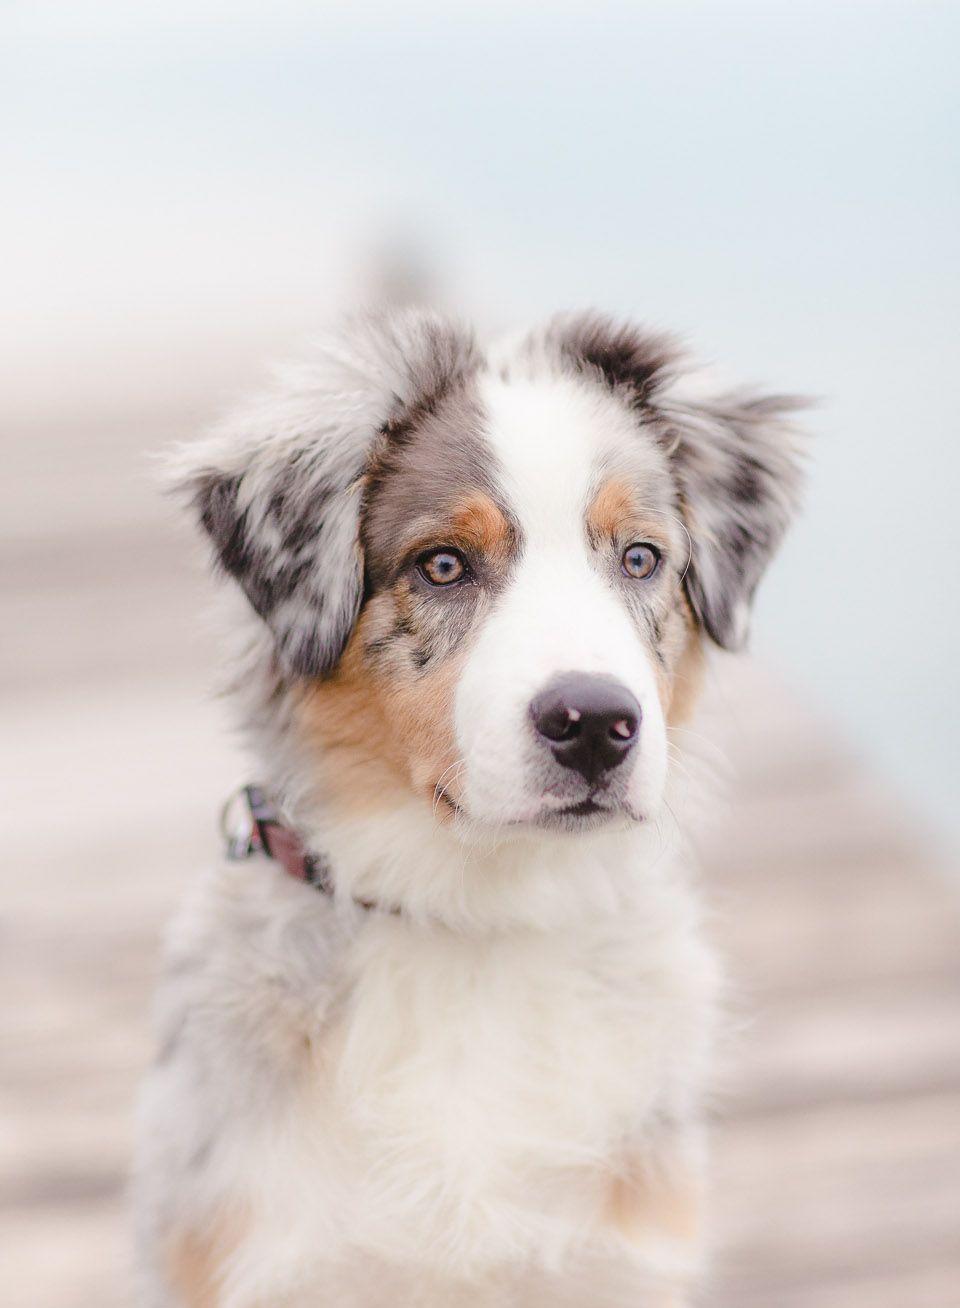 Enjoy Hunde Perros Animales Perros Und Perros Miniatura